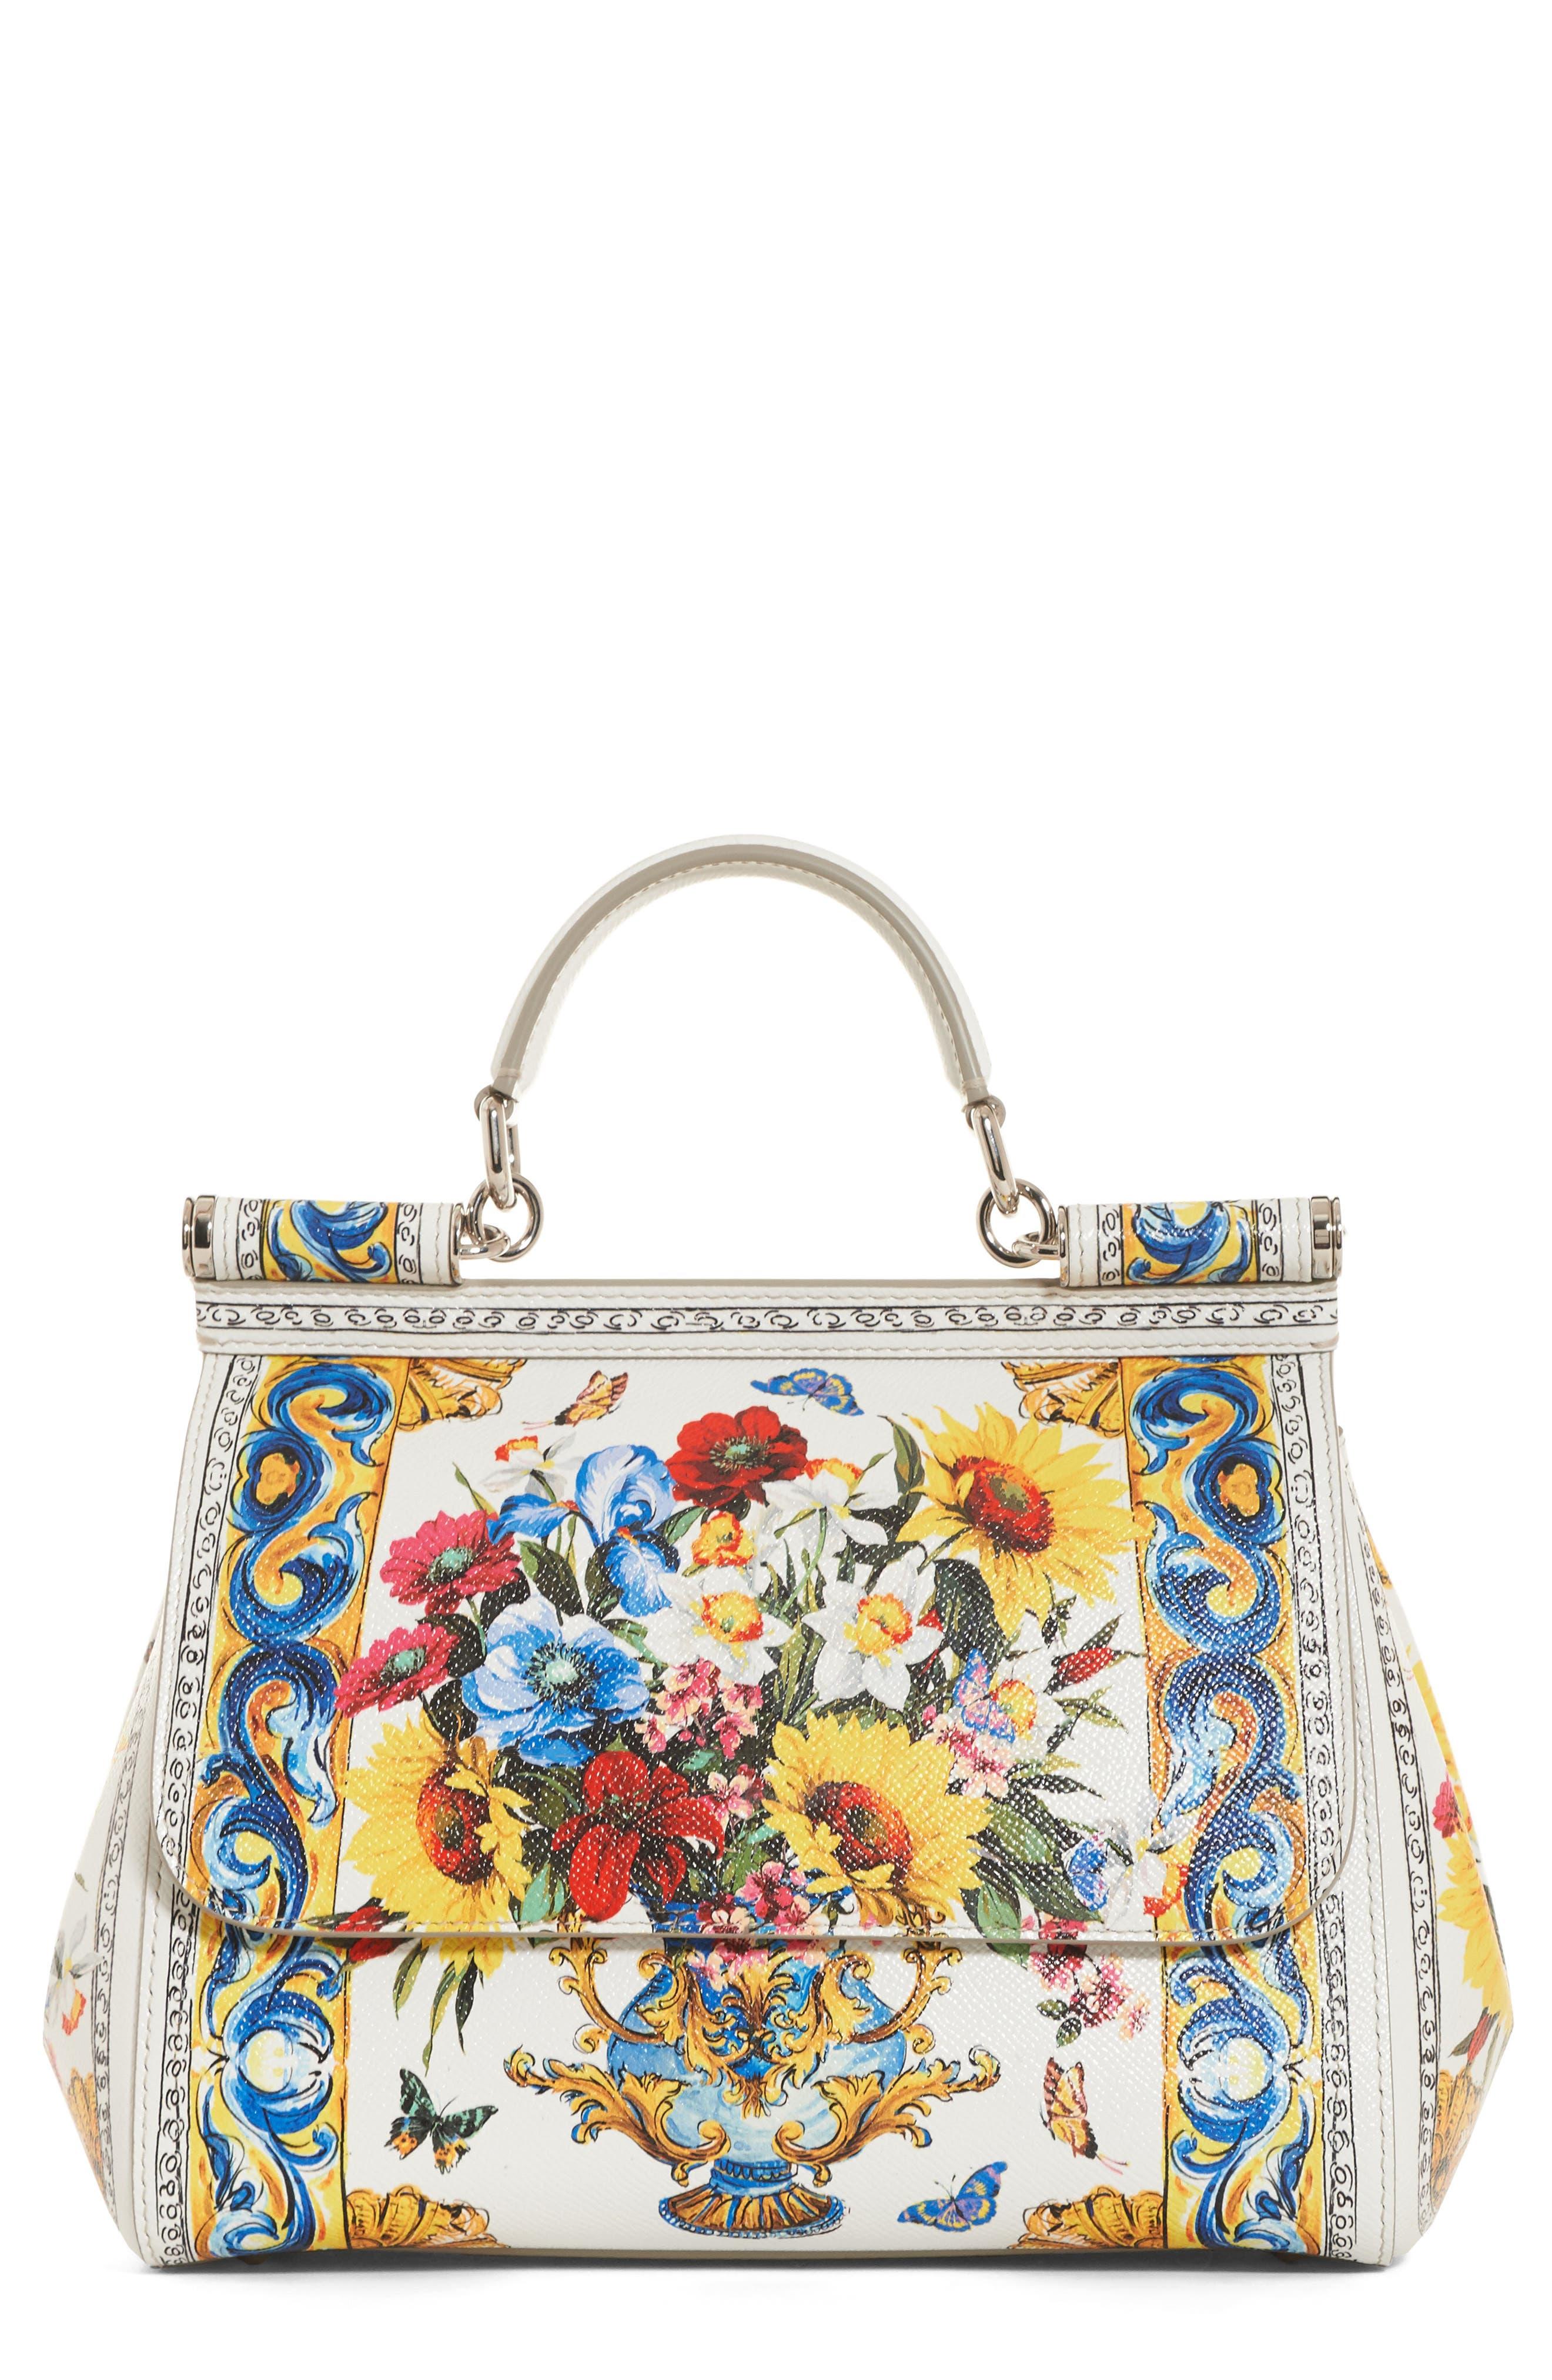 Main Image - Dolce&Gabbana Medium Maiolica Fiori Sicily Leather Satchel